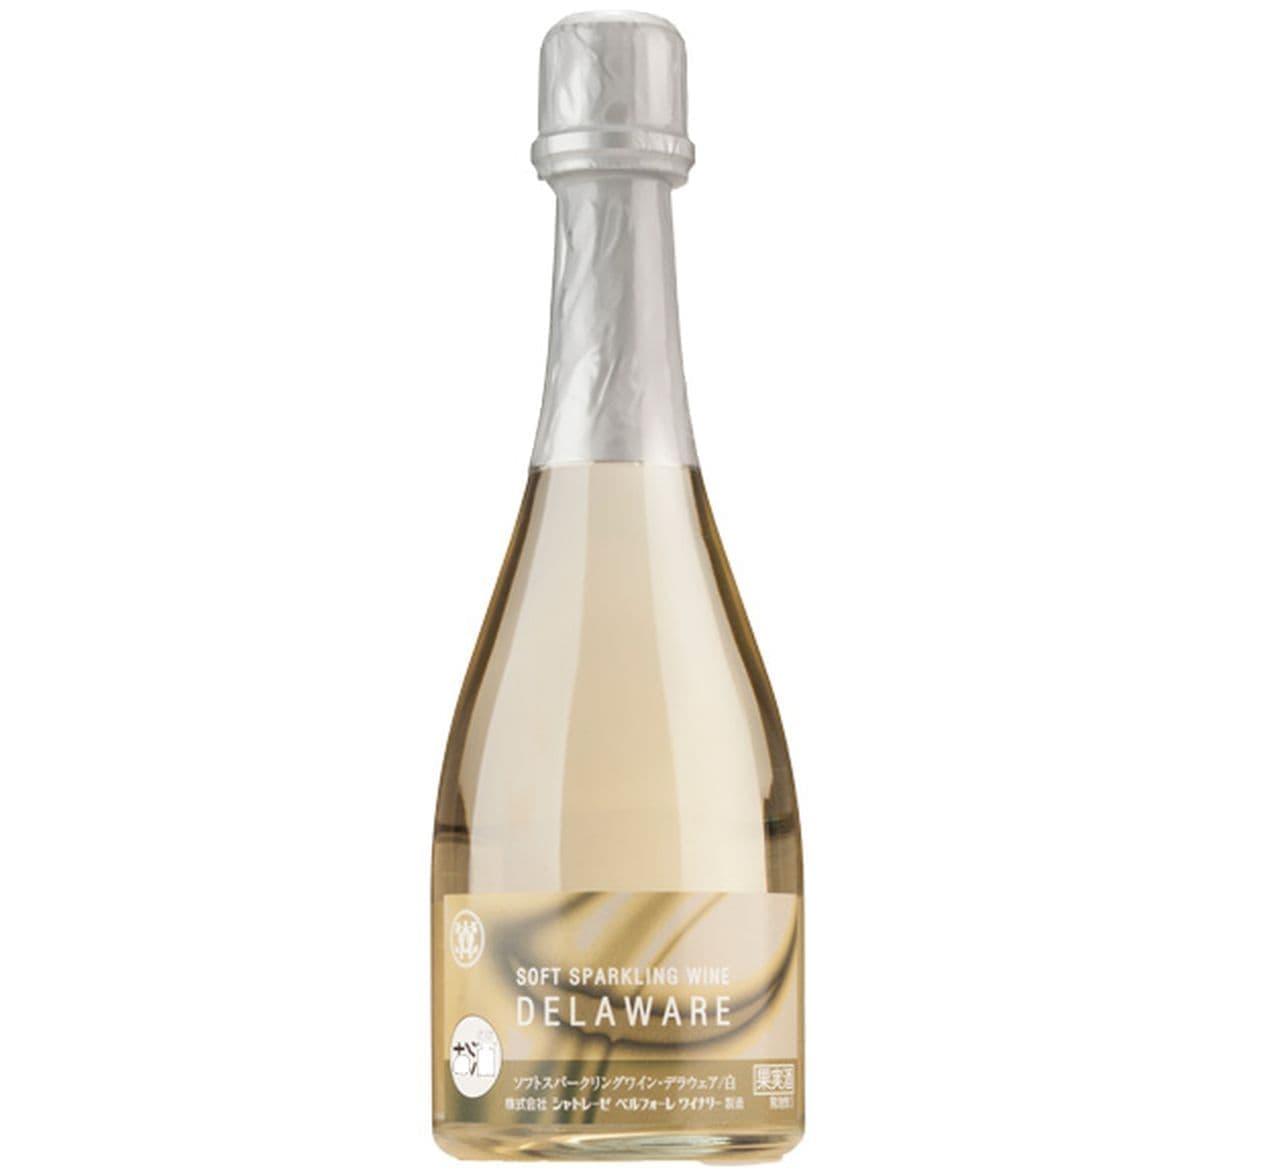 シャトレーゼ「ソフトスパークリングワイン(白)デラウェア」